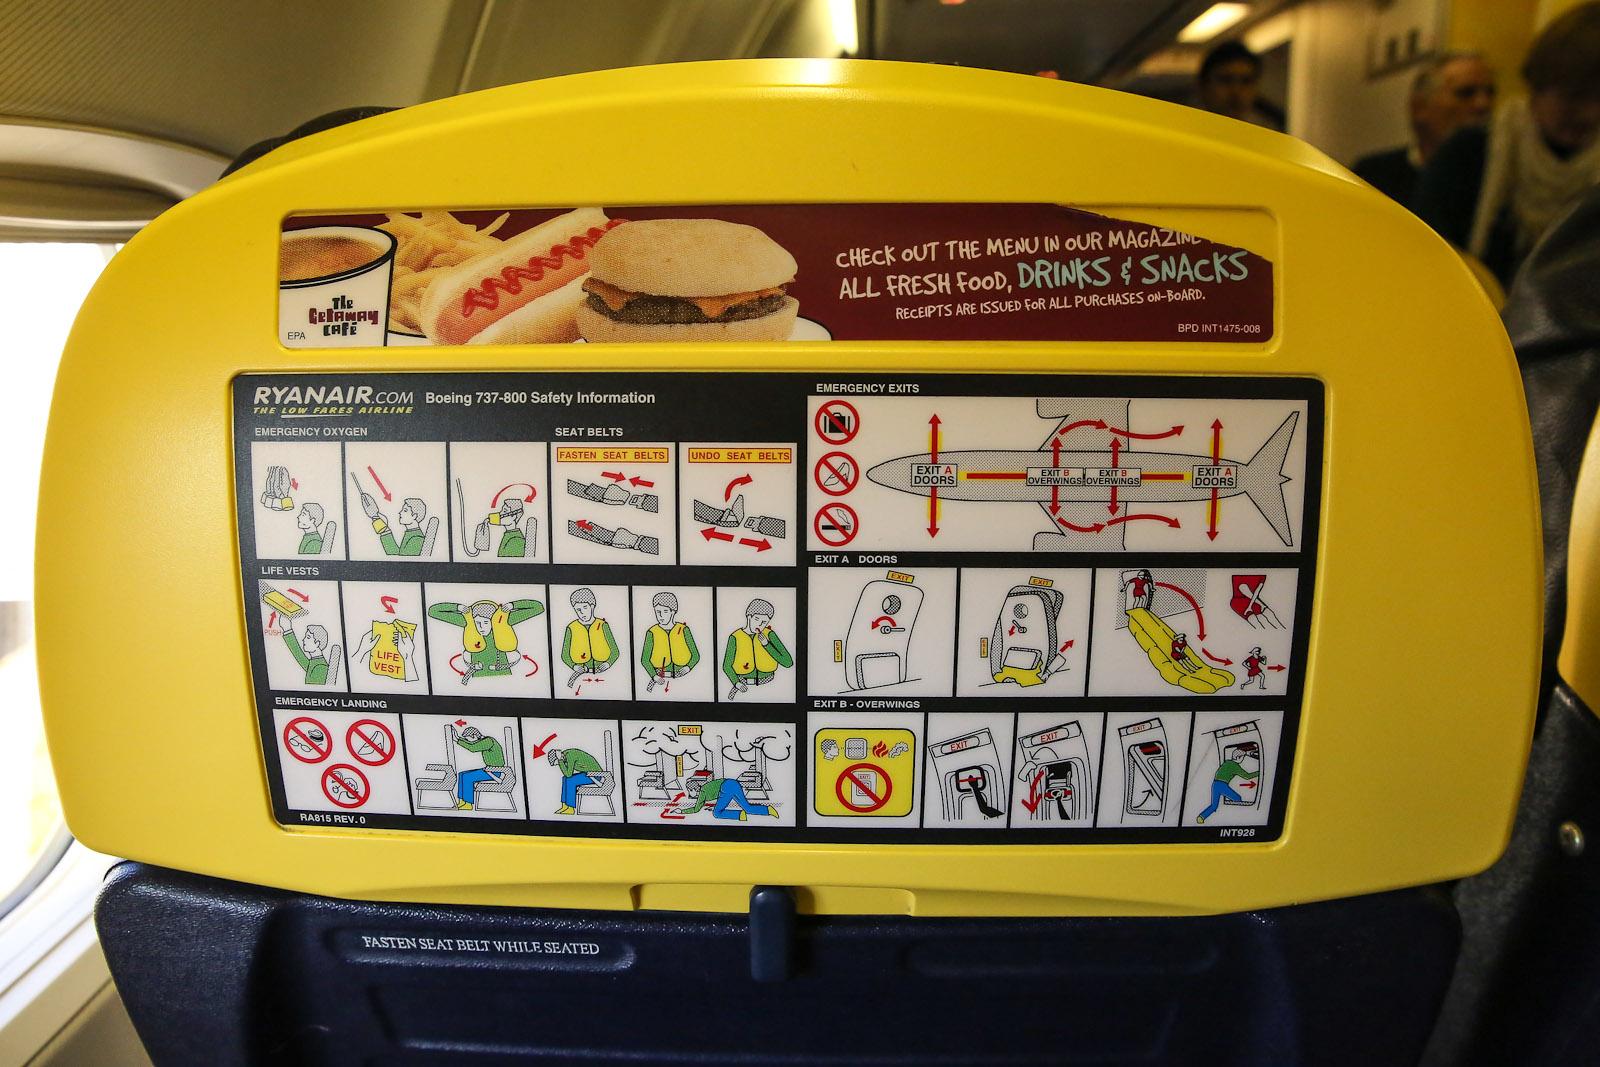 Инструкция по безопасности авиакомпании Ryanair